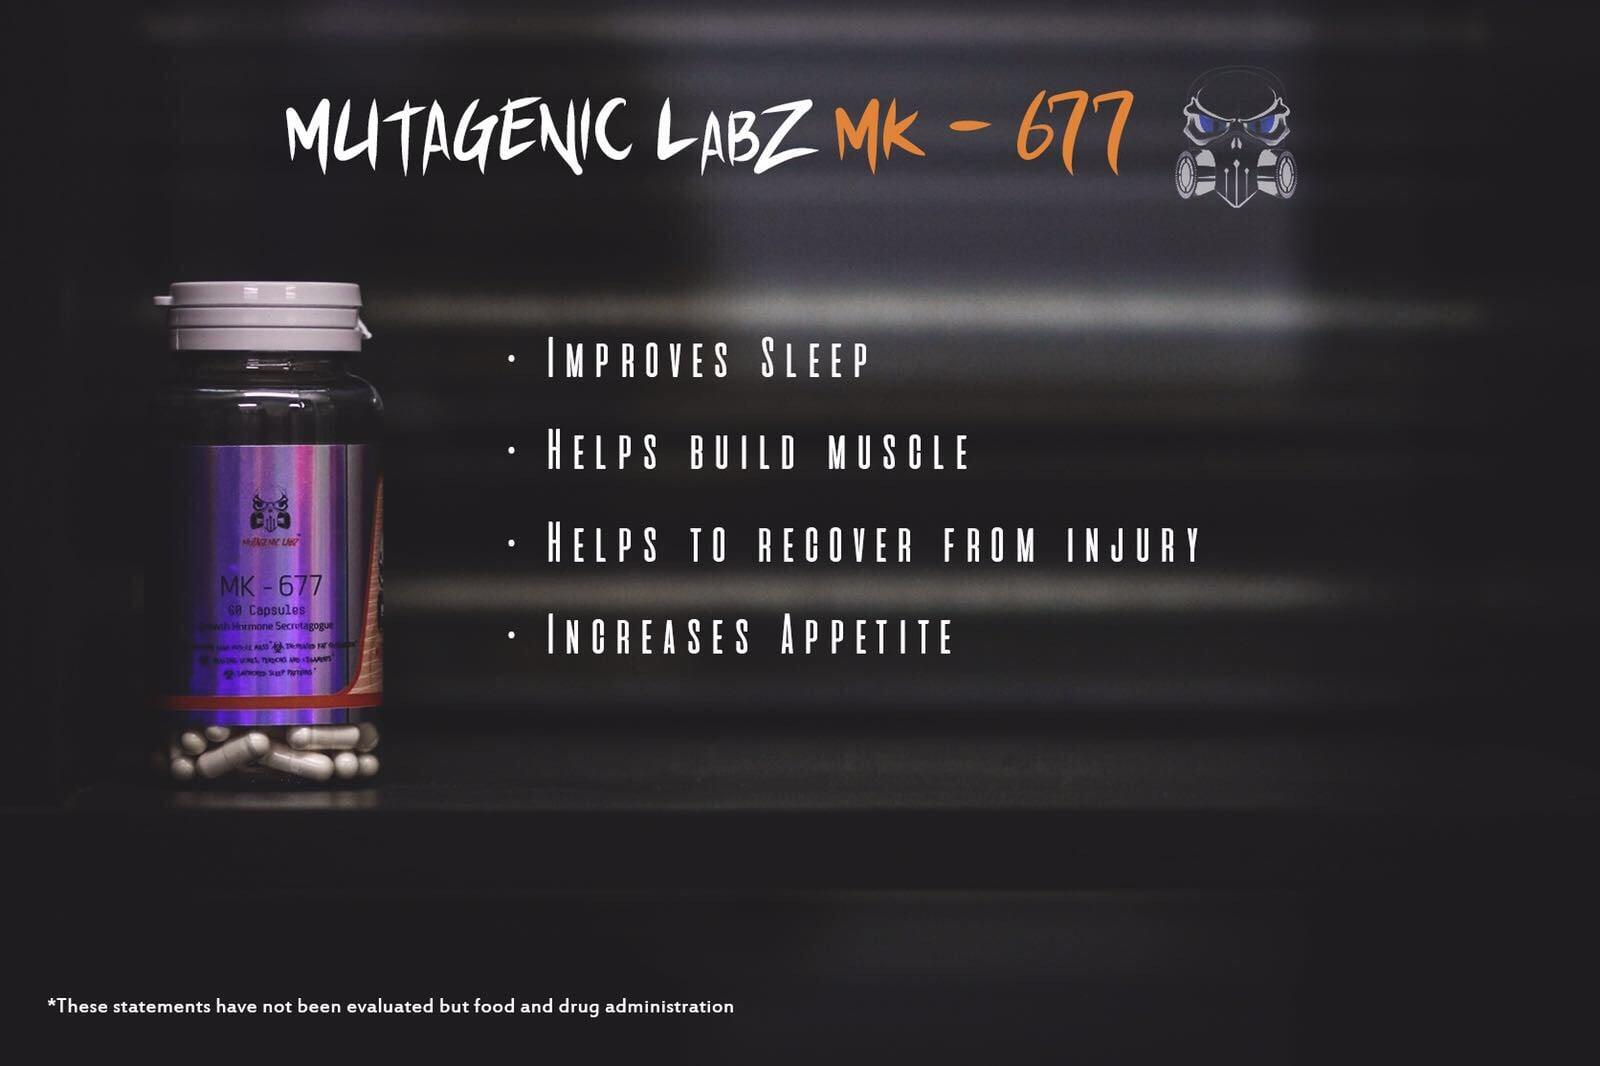 Mutagenic Labz MK-677